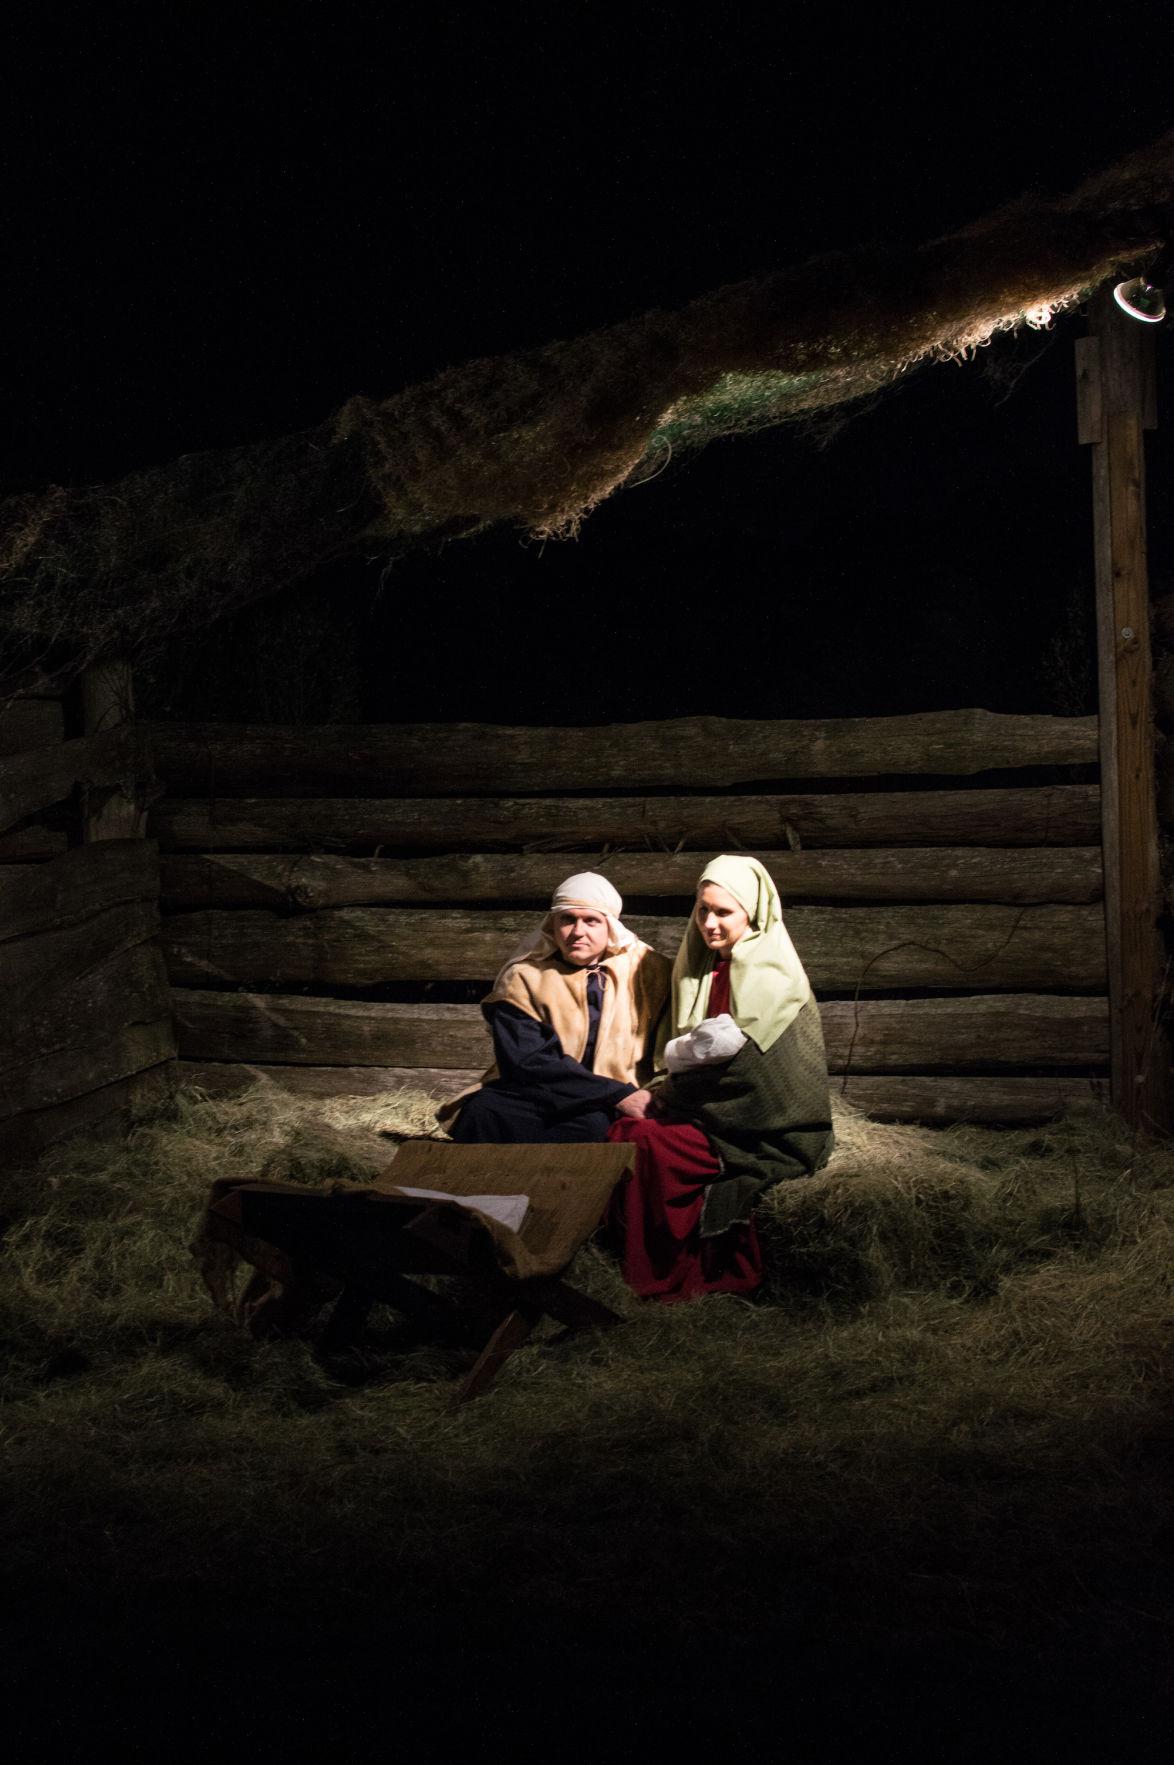 Mary and Josepth